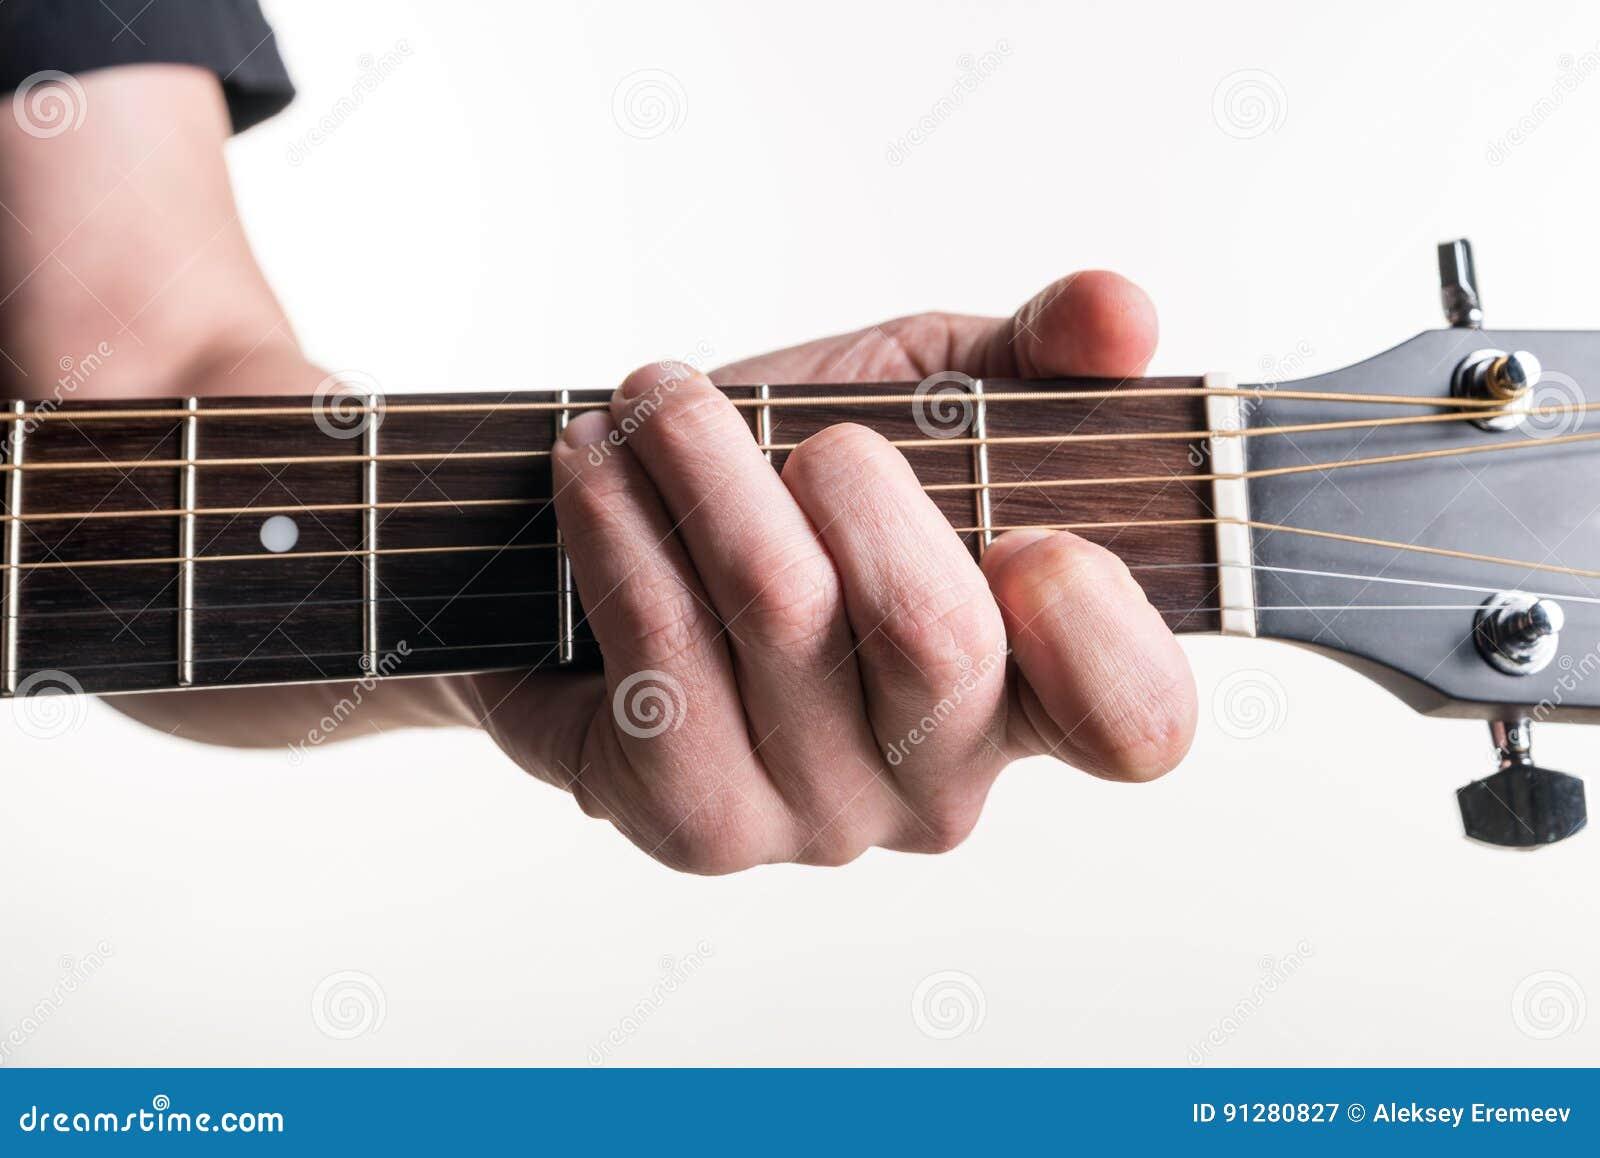 Handen för gitarrist` s klämmer fast ackordet C på gitarren, på en vit bakgrund Horisontal inrama